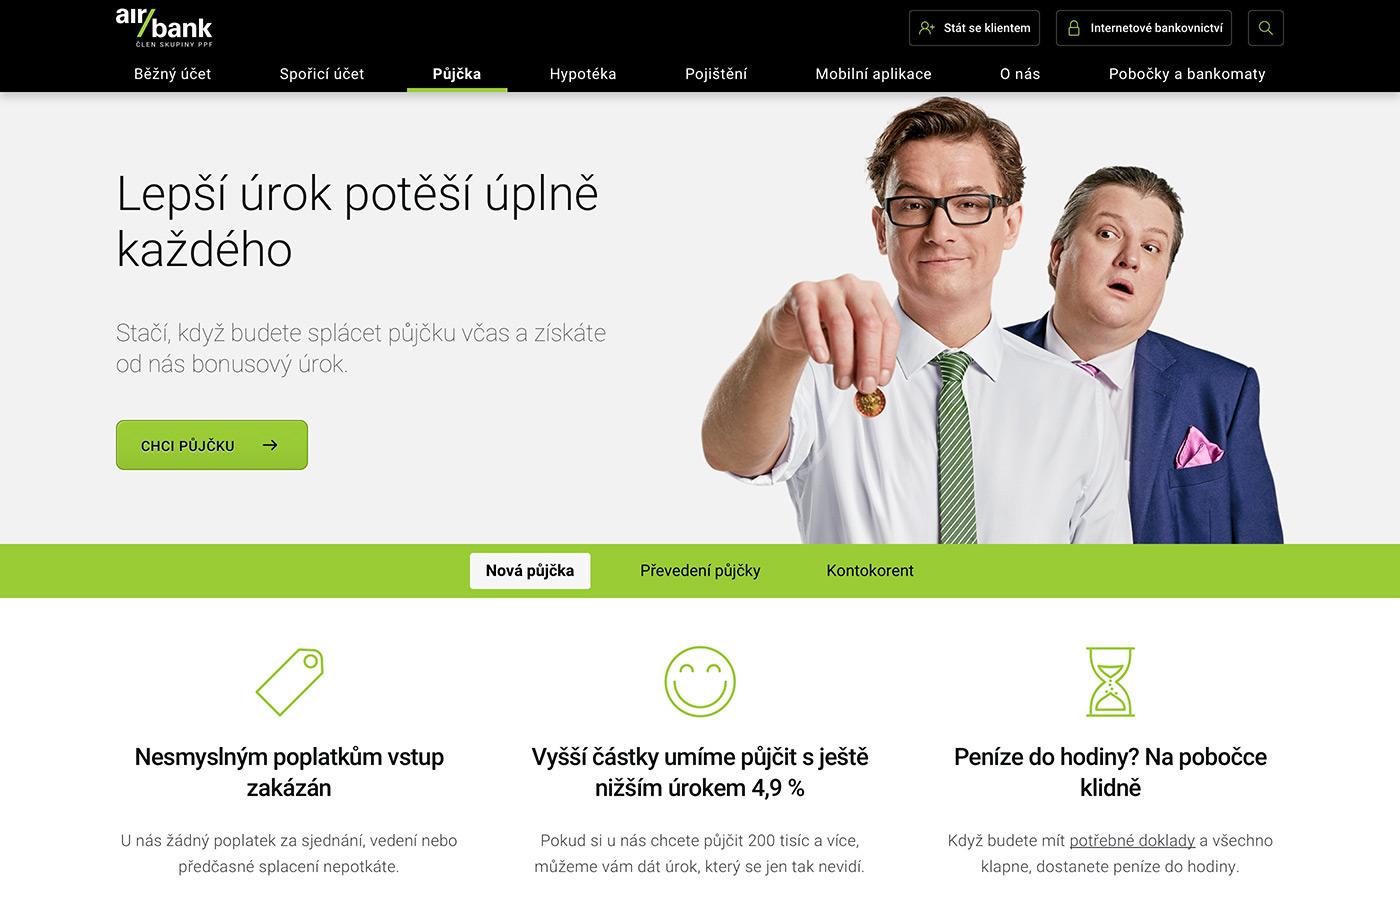 Webové stránky https://www.airbank.cz/produkty/pujcka/